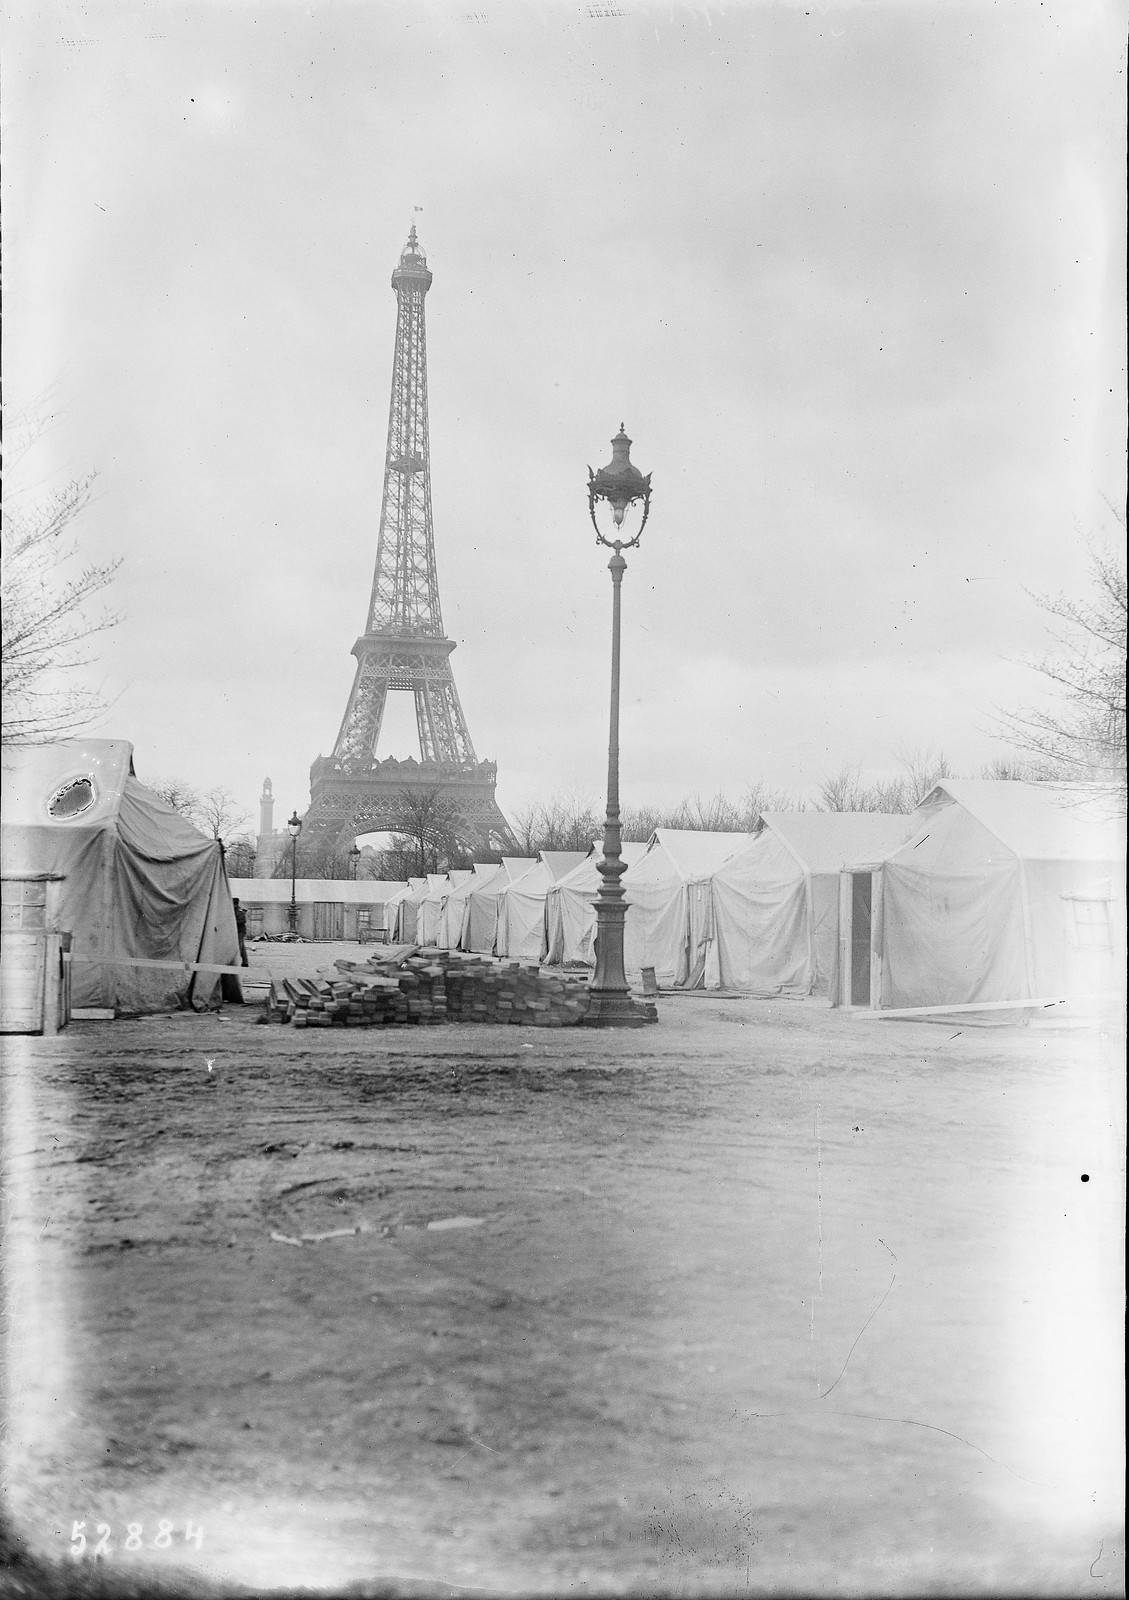 1919. На Марсовом поле казармы, предназначенные для приема американских солдат в увольнительных